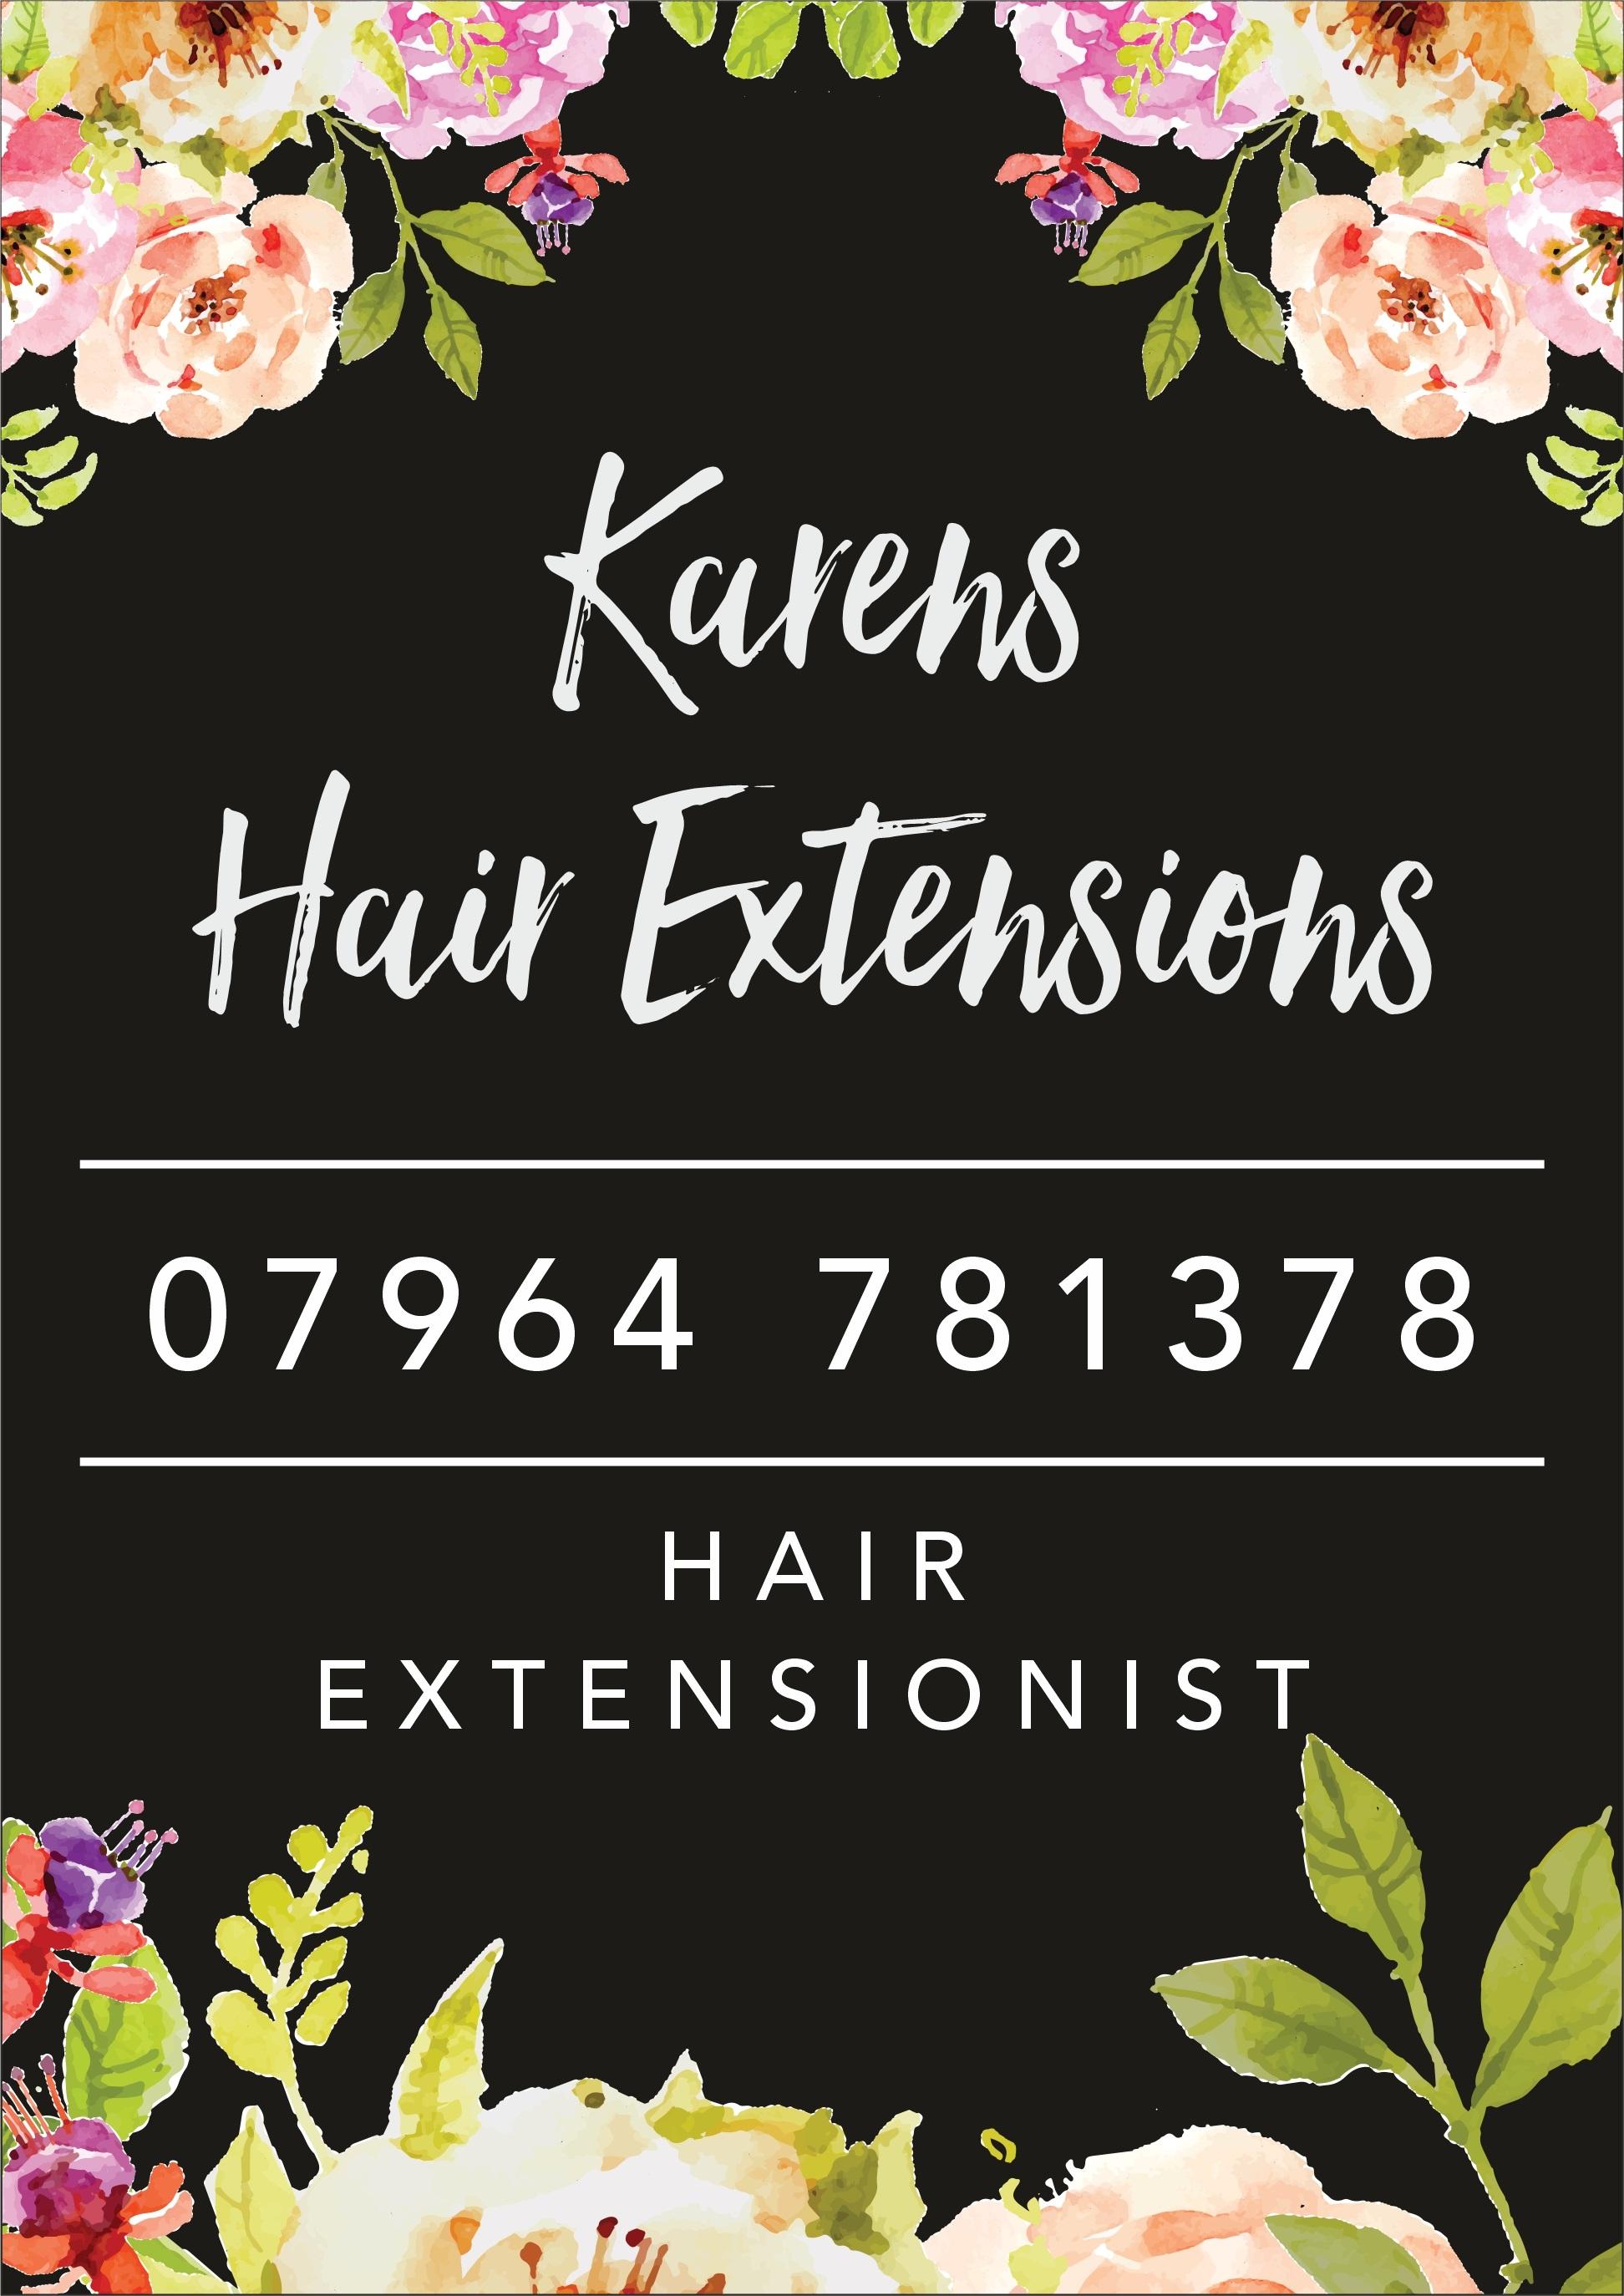 Karens Hair Extensions A2 Posters.jpg